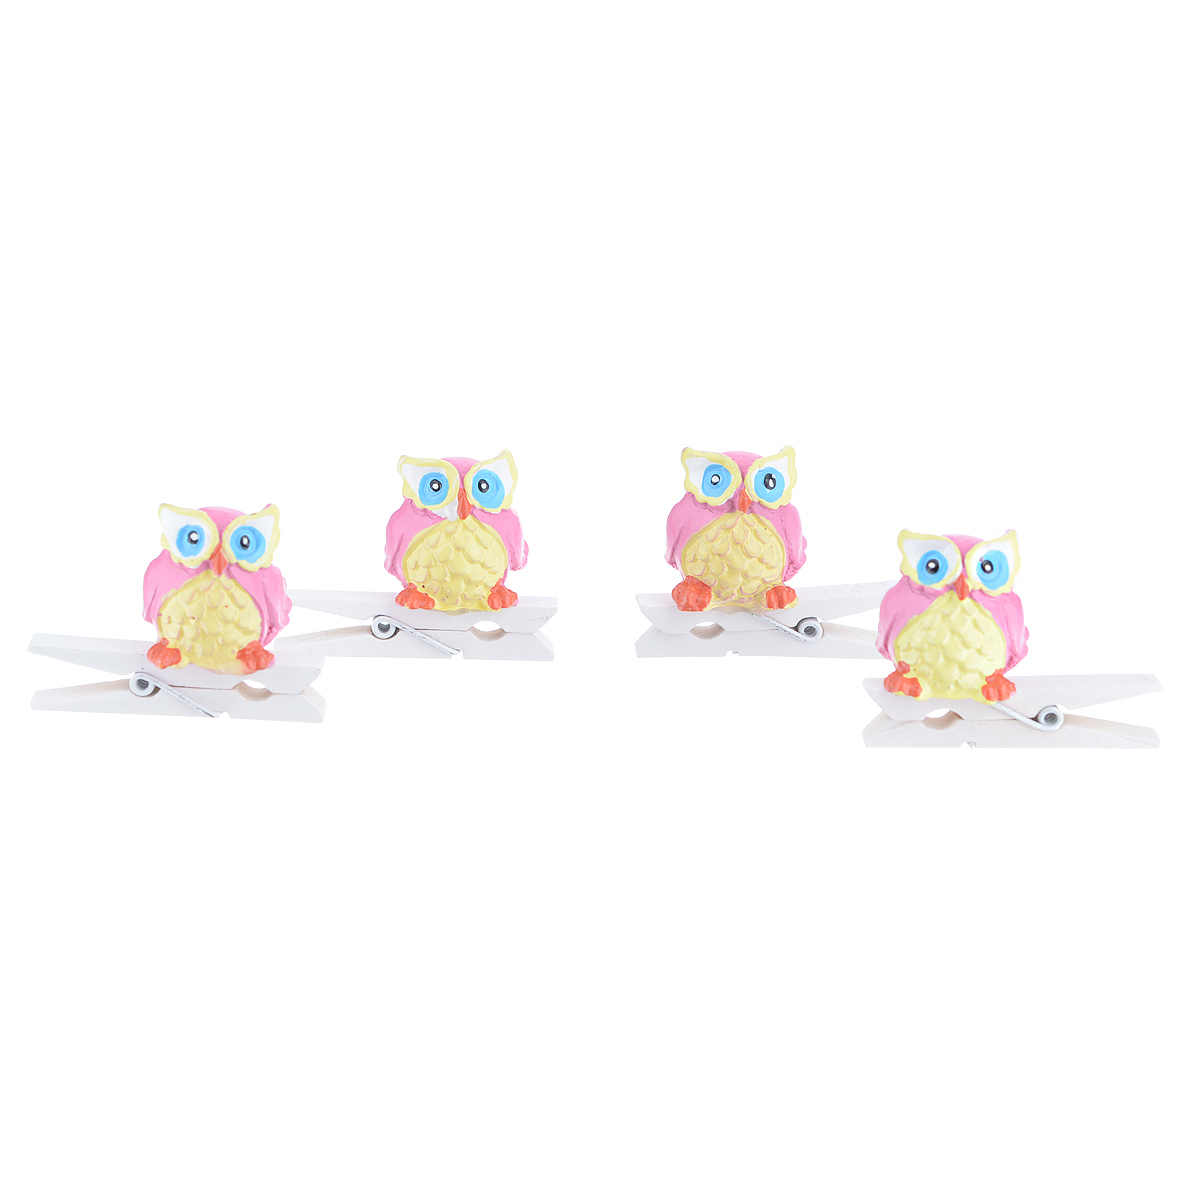 Набор декоративных прищепок Феникс-презент Совушки, 4 шт. 39434KOCNL-EL112Набор Феникс-презент Совушки состоит из 4 декоративных прищепок, выполненных из дерева. Прищепки оформлены декоративными фигурками из полирезины в виде сов. Изделия используются для развешивания стикеров на веревке, маленьких игрушек, а оригинальность и веселые цвета прищепок будут радовать глаз и поднимут настроение.Размер прищепки: 4,5 см х 1,5 см х 3,5 см.